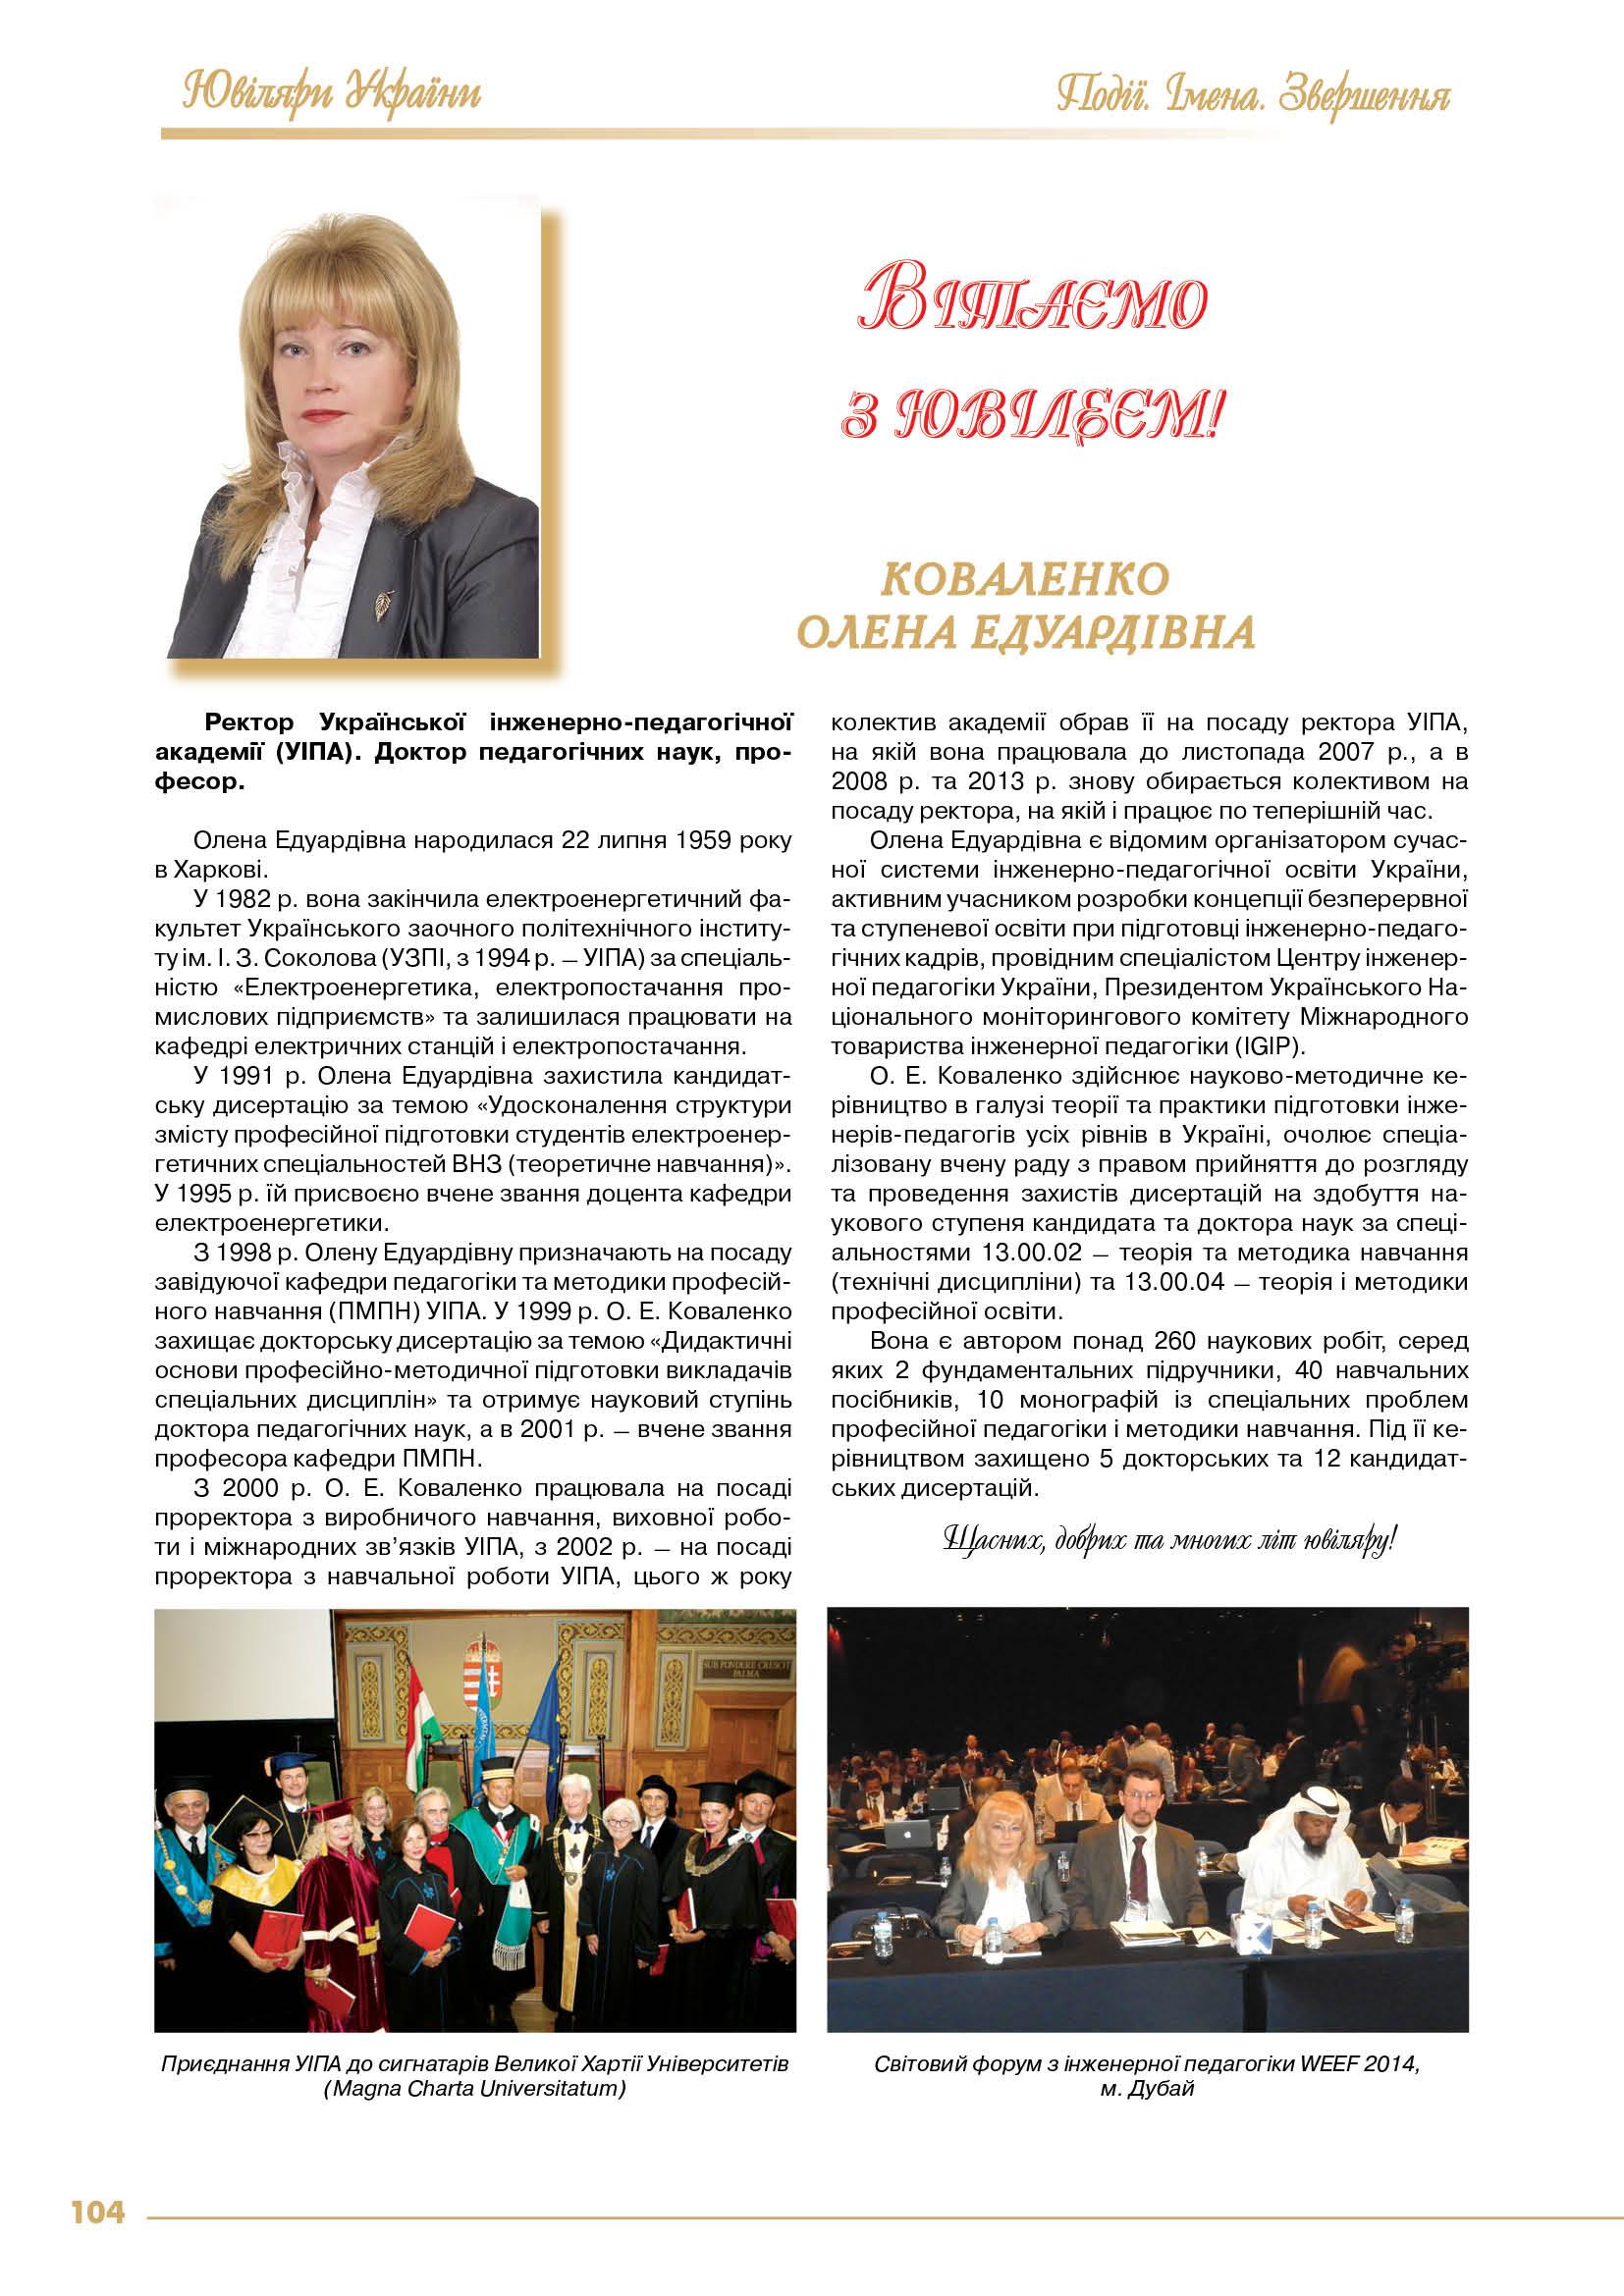 Коваленко Олена Едуардівна